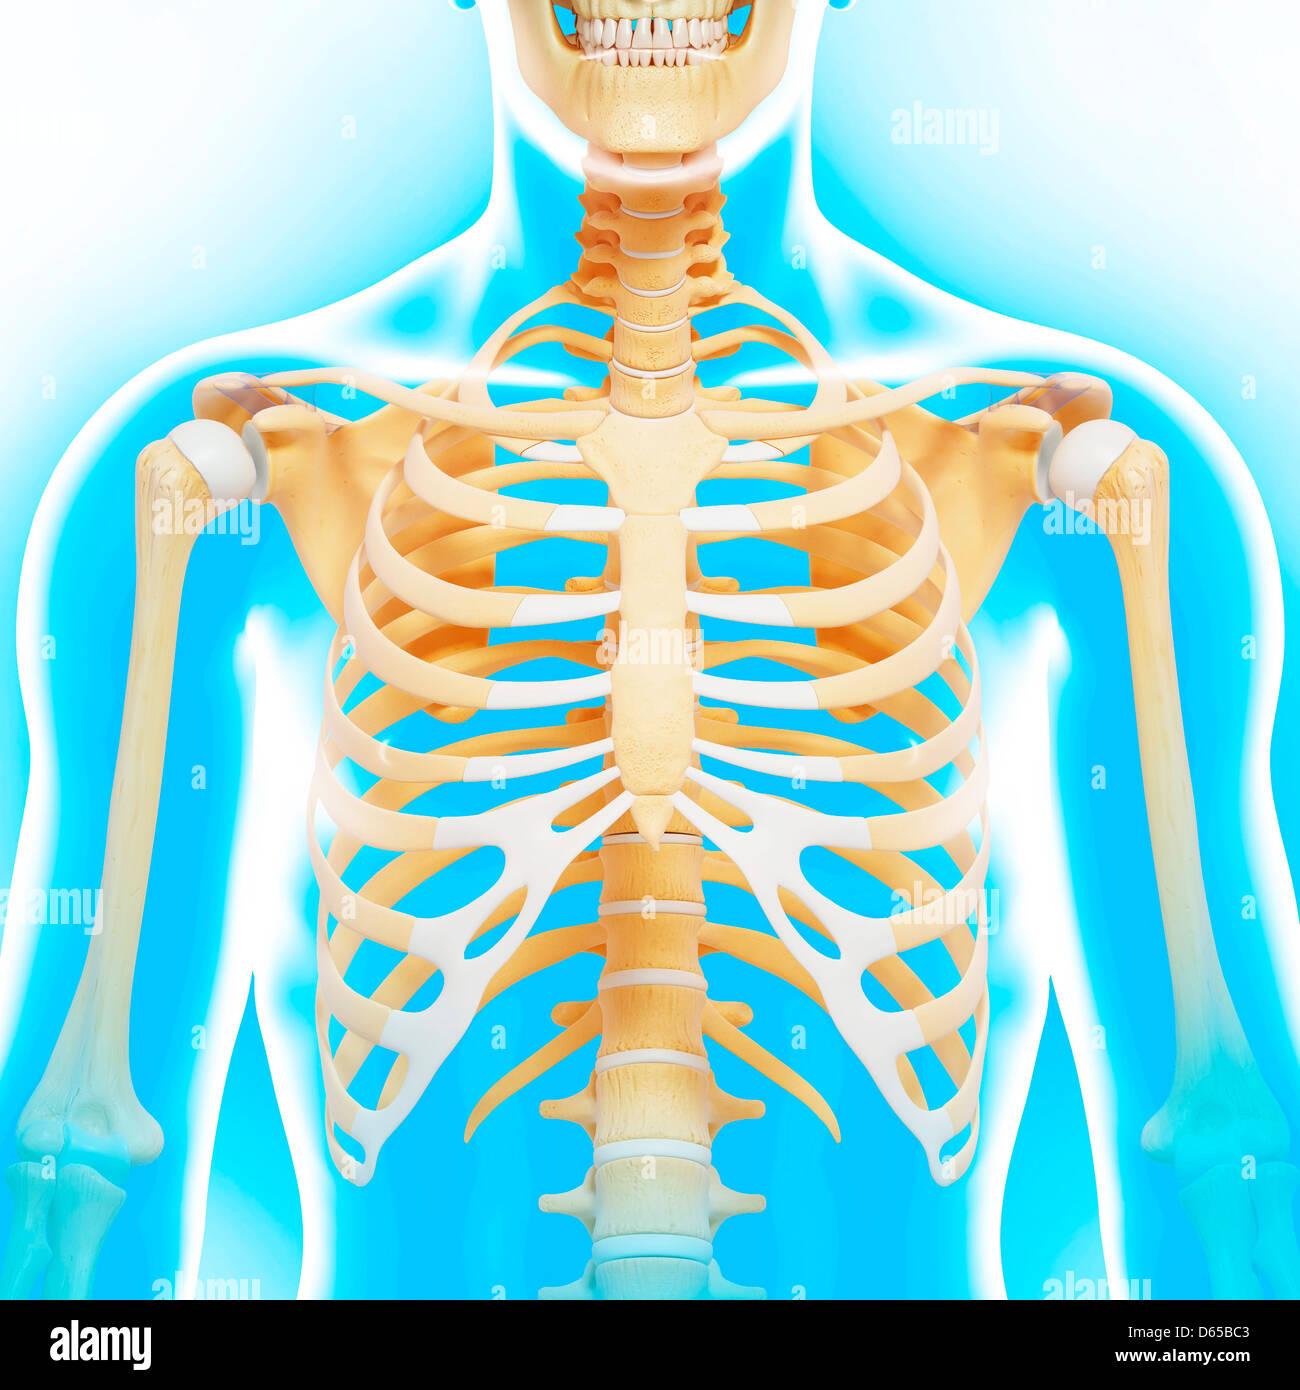 hight resolution of upper body bones artwork